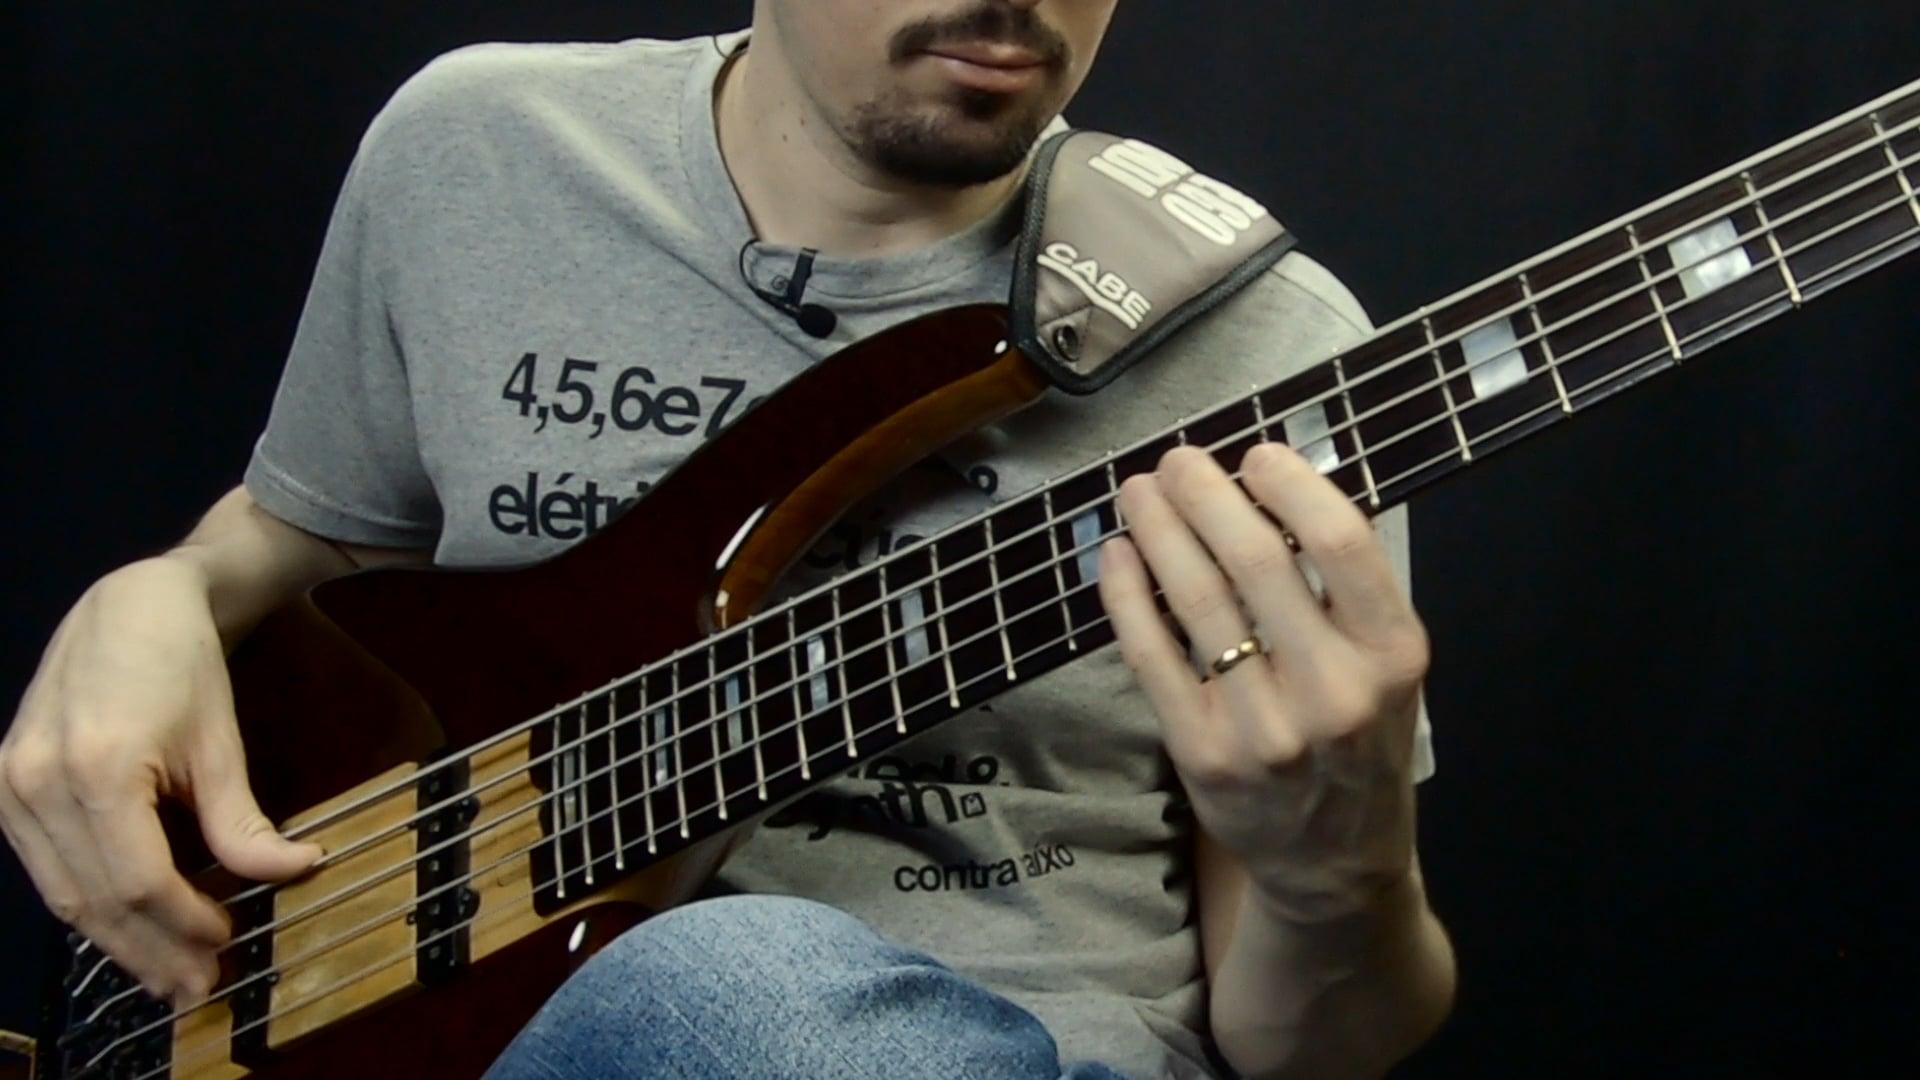 Técnicas aprendidas - Tom menor